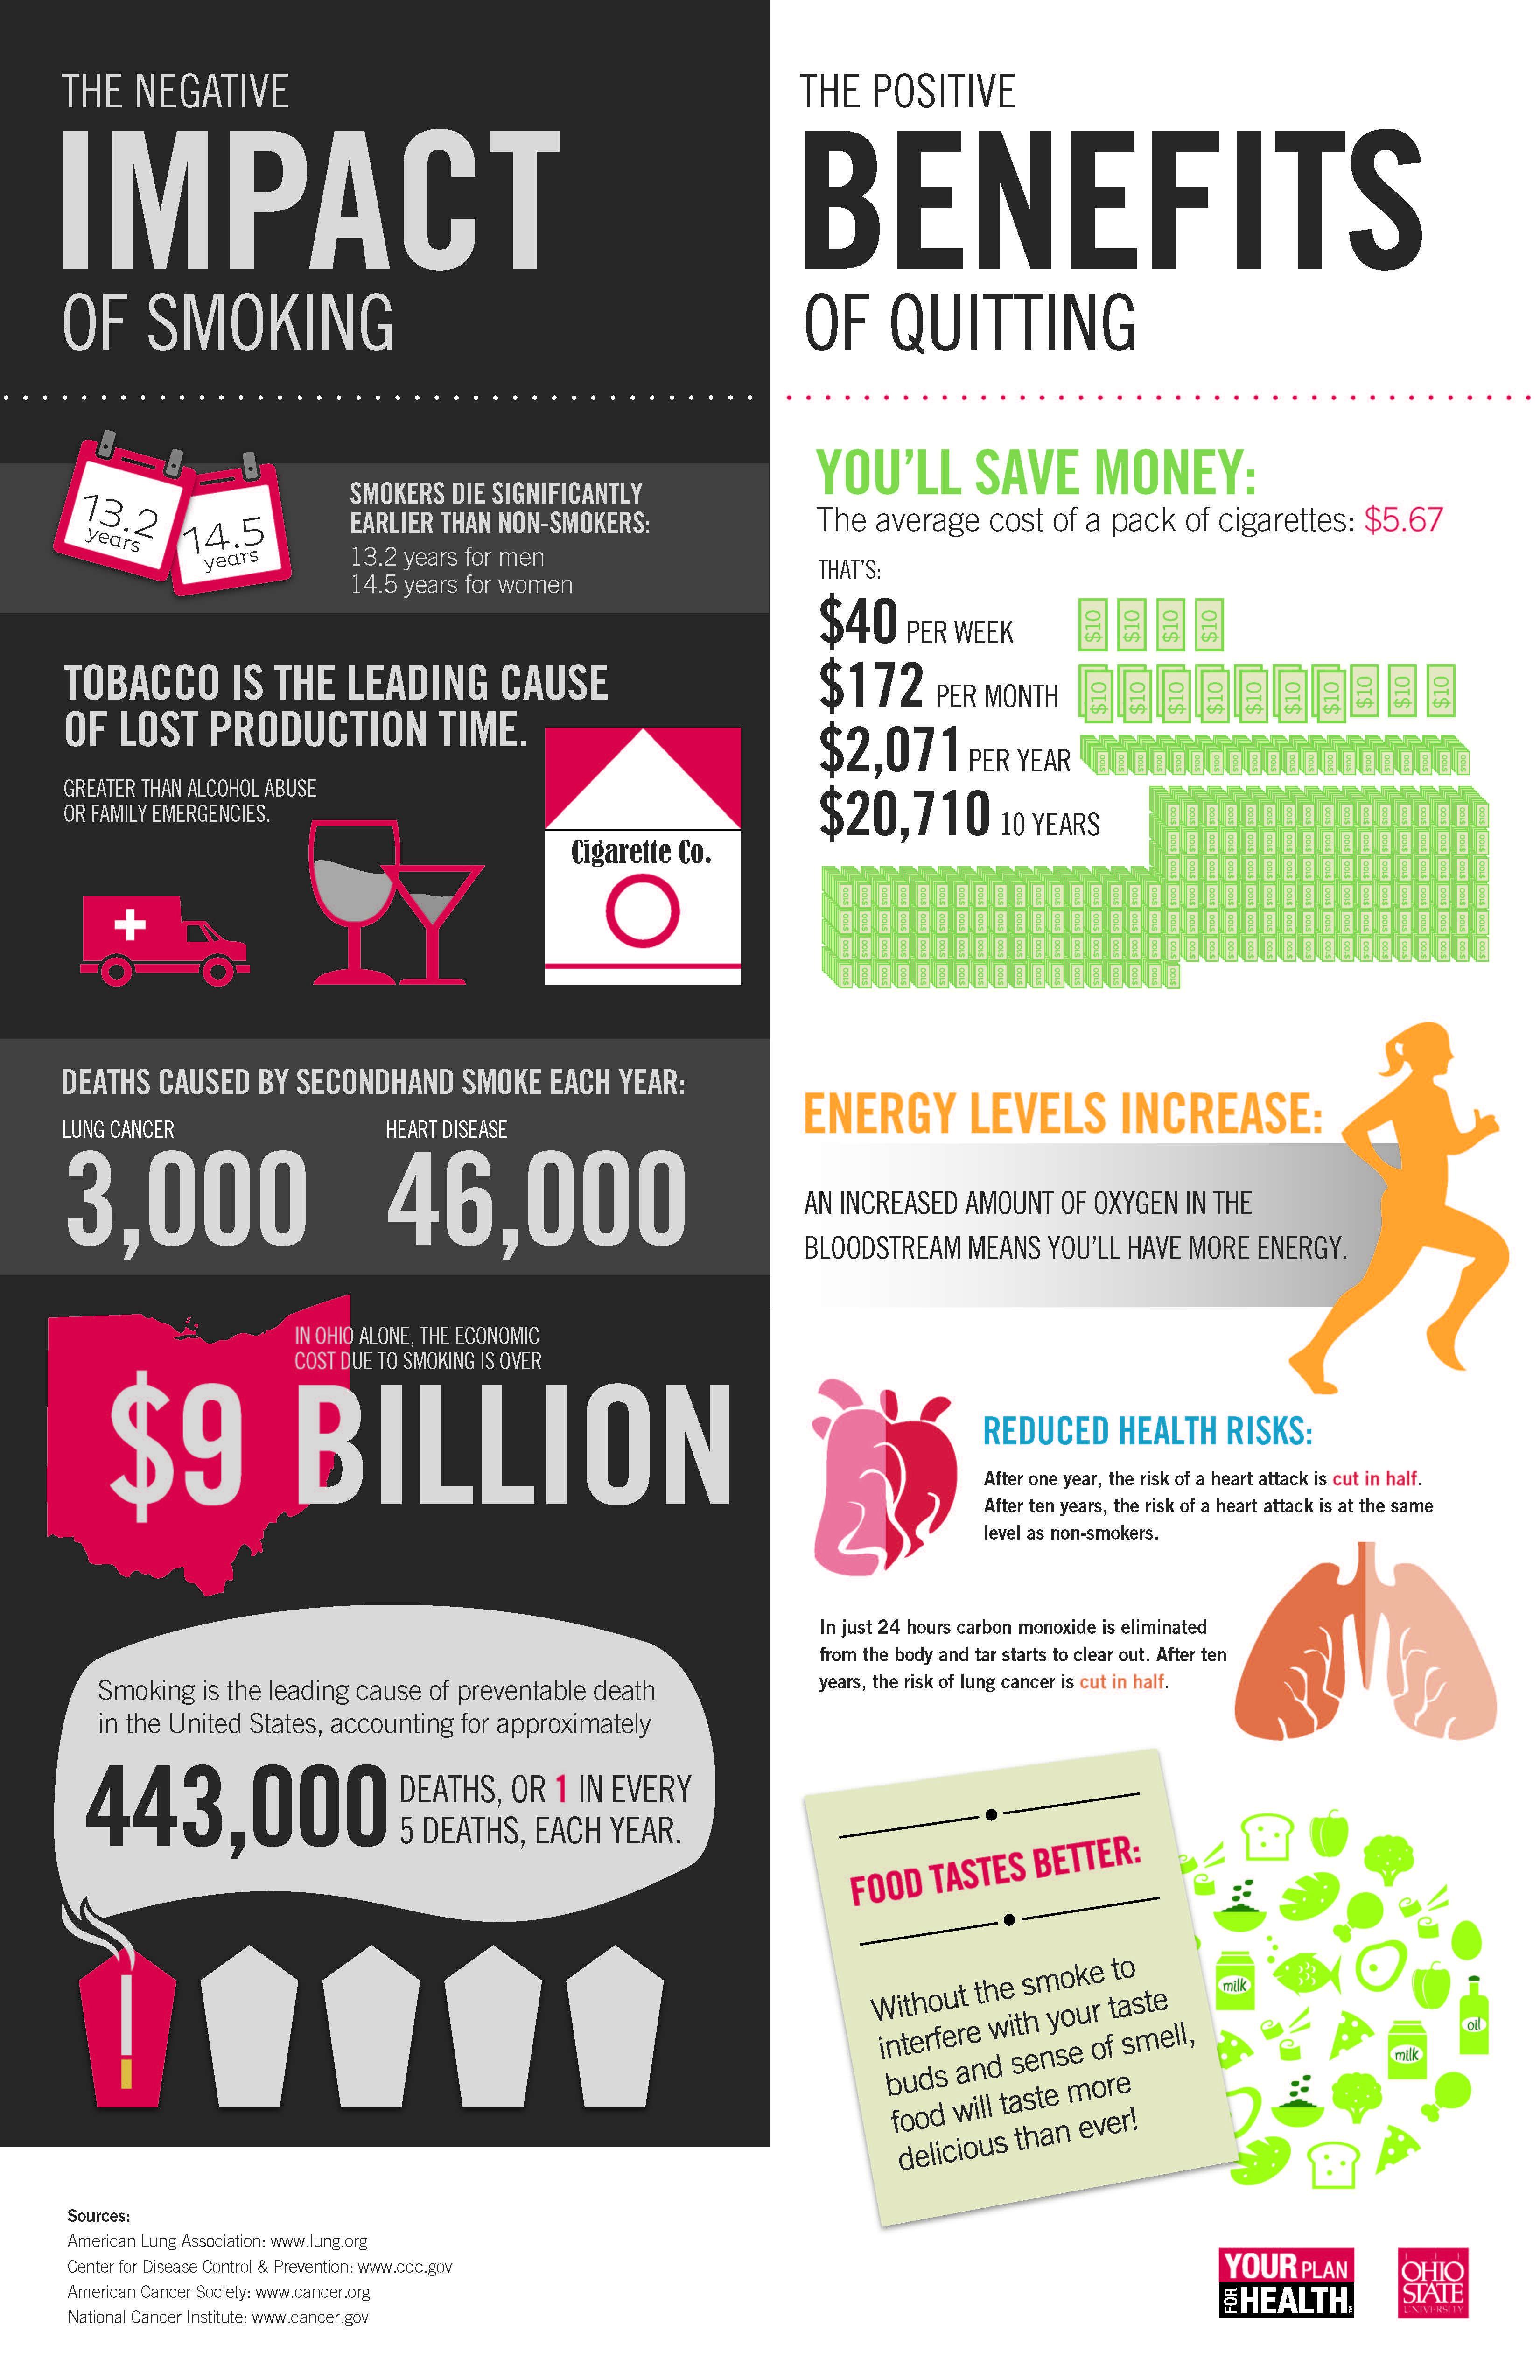 Benefici di Smettere di Fumare